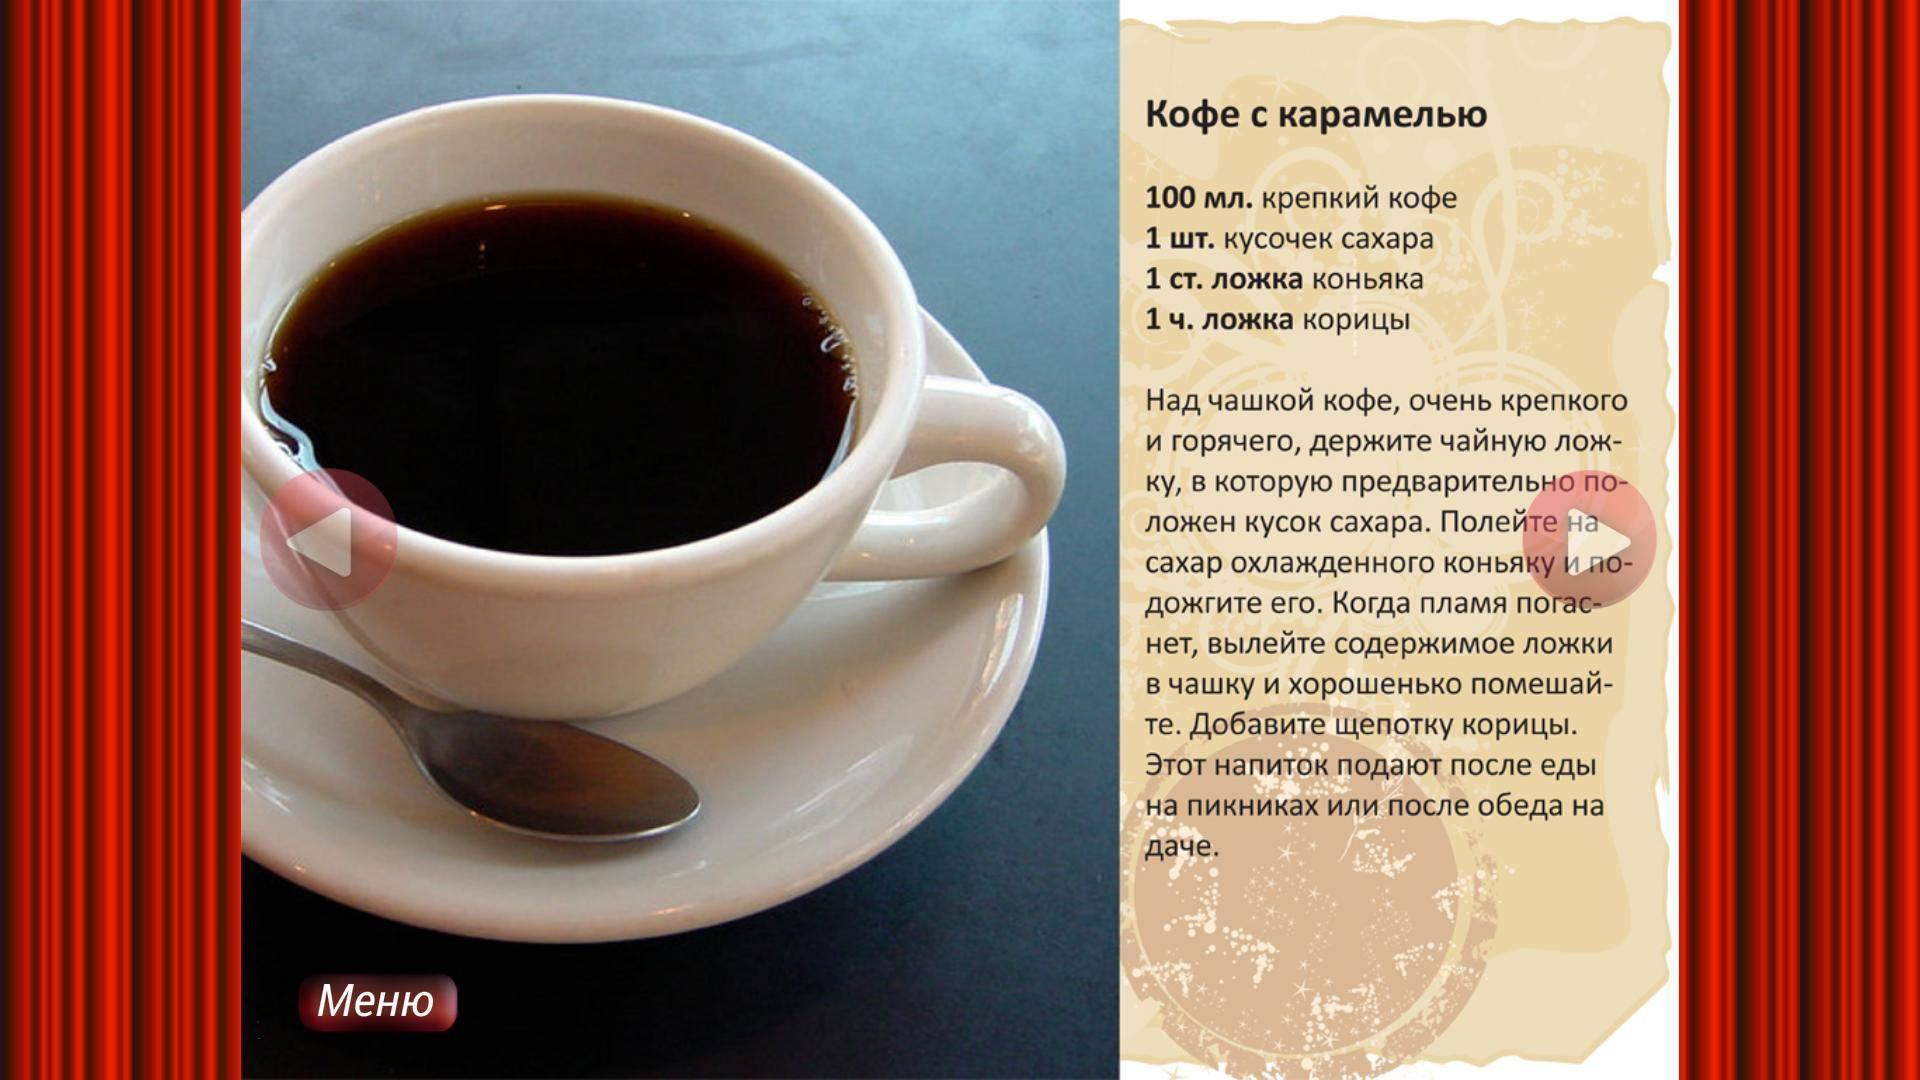 5 рецептов приготовления кофе по-турецки на песке: история напитка, что необходимо, варим в домашних условиях при помощи сковороды и песка, алгоритм, как подавать